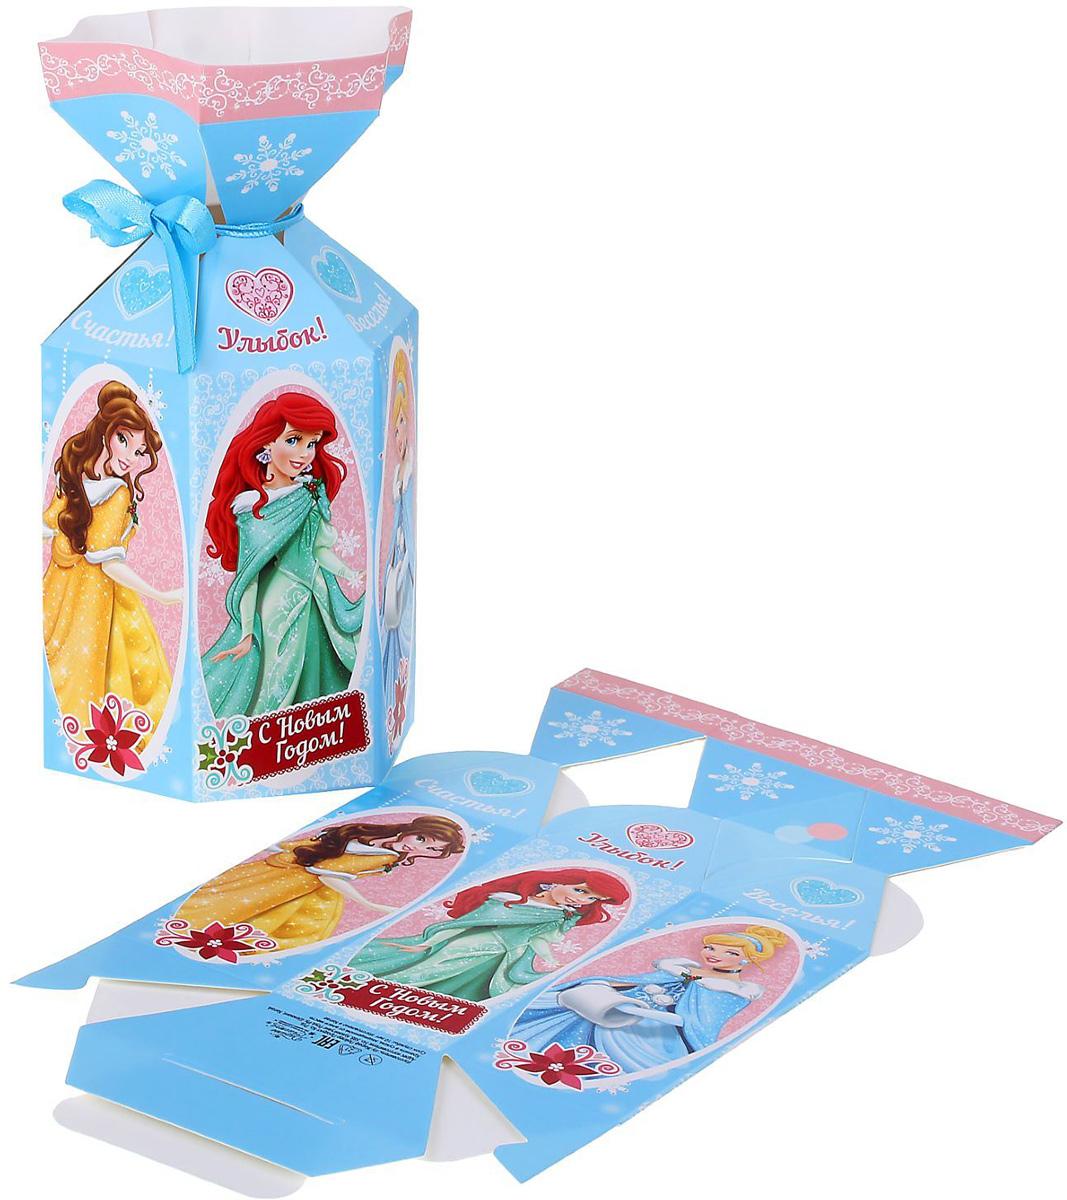 Коробка складная Disney Улыбок. Принцессы, 9 х 4 х 4 см1398648Коробка складная Disney Улыбок. Принцессы выполнена из картона. Любой подарок начинается с упаковки. Что может быть трогательнее и волшебнее, чем ритуал разворачивания полученного презента. И именно оригинальная, со вкусом выбранная упаковка выделит ваш подарок из массы других. Она продемонстрирует самые теплые чувства к виновнику торжества и создаст сказочную атмосферу праздника. Размер коробки в сложенном виде: 9 х 4 х 4 см.